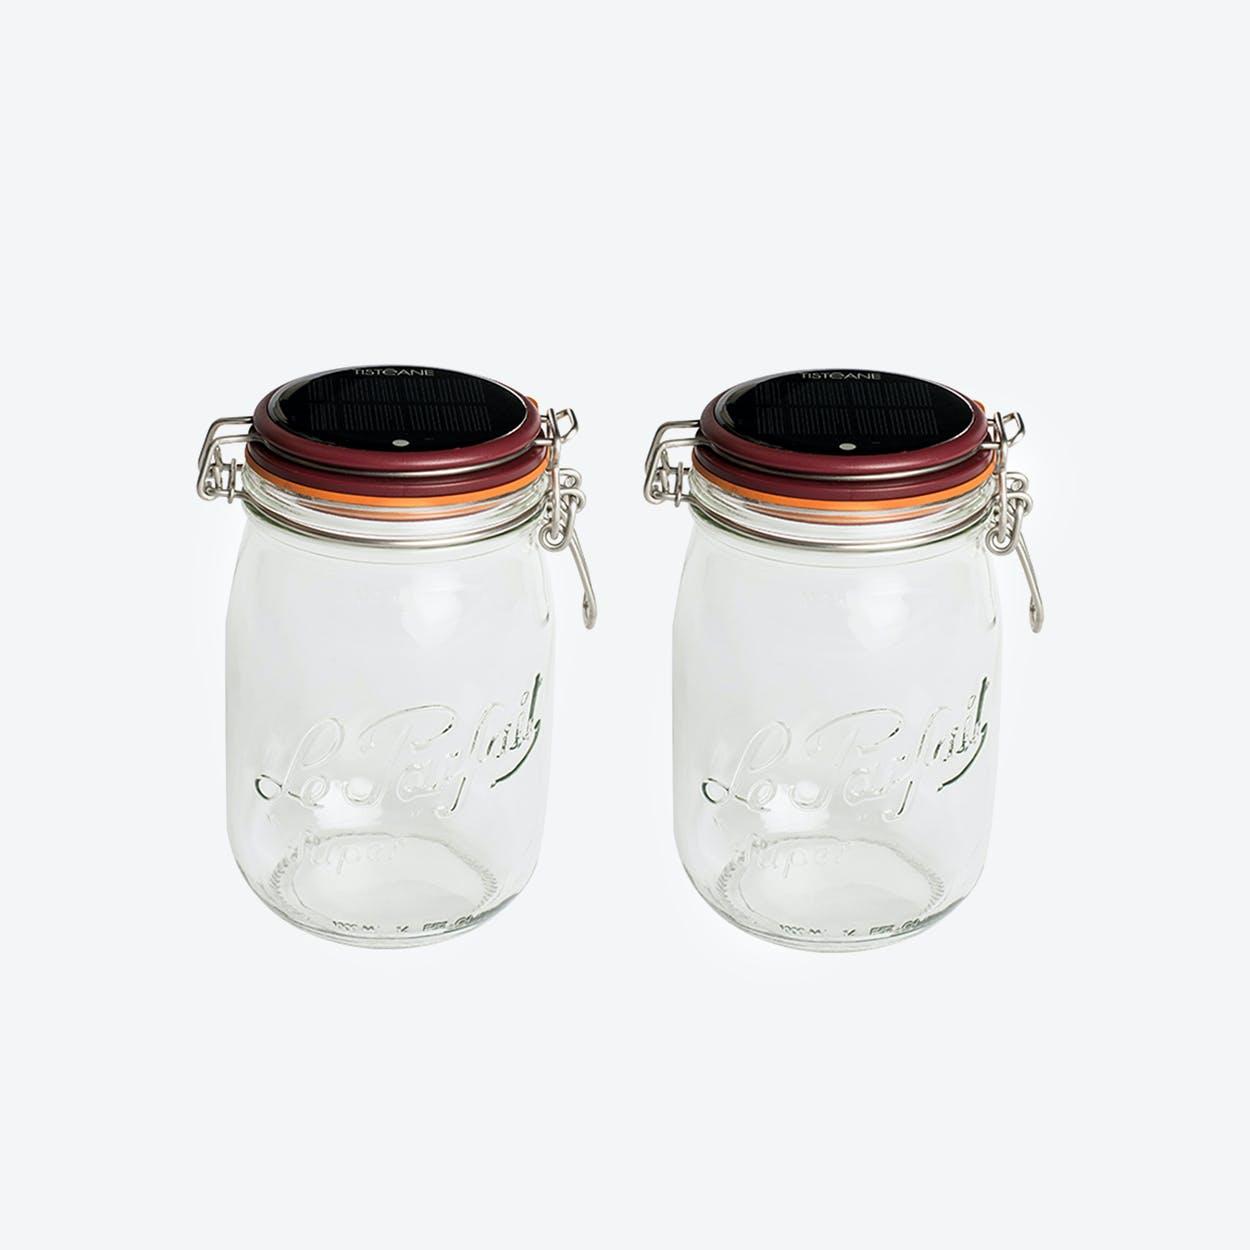 Solar Lamps - Set of 2 Glasses Lucioles Le Grand Parfait Solaire Red